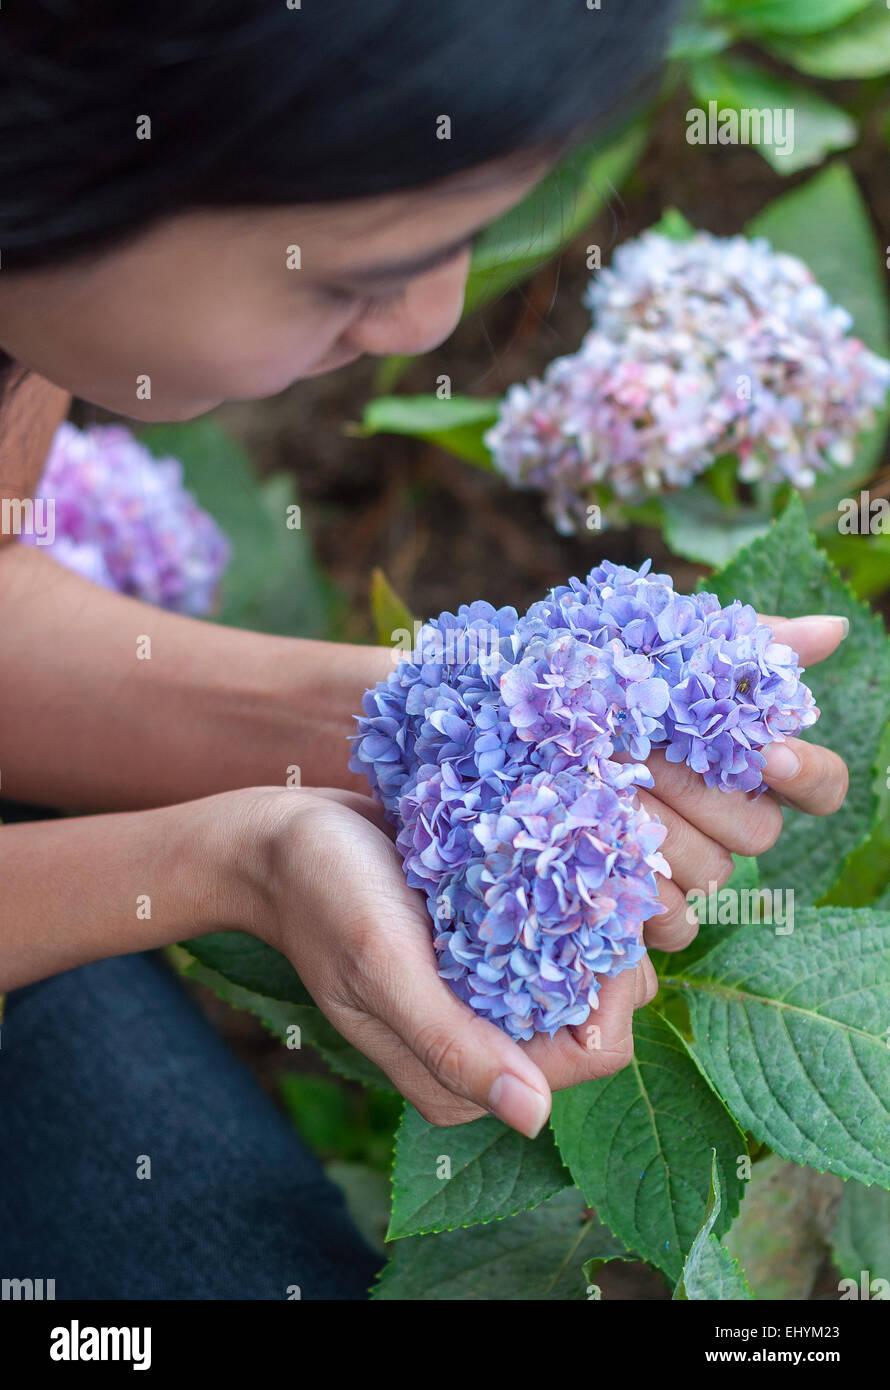 Mujer joven sosteniendo flores en forma de corazón en su mano Imagen De Stock